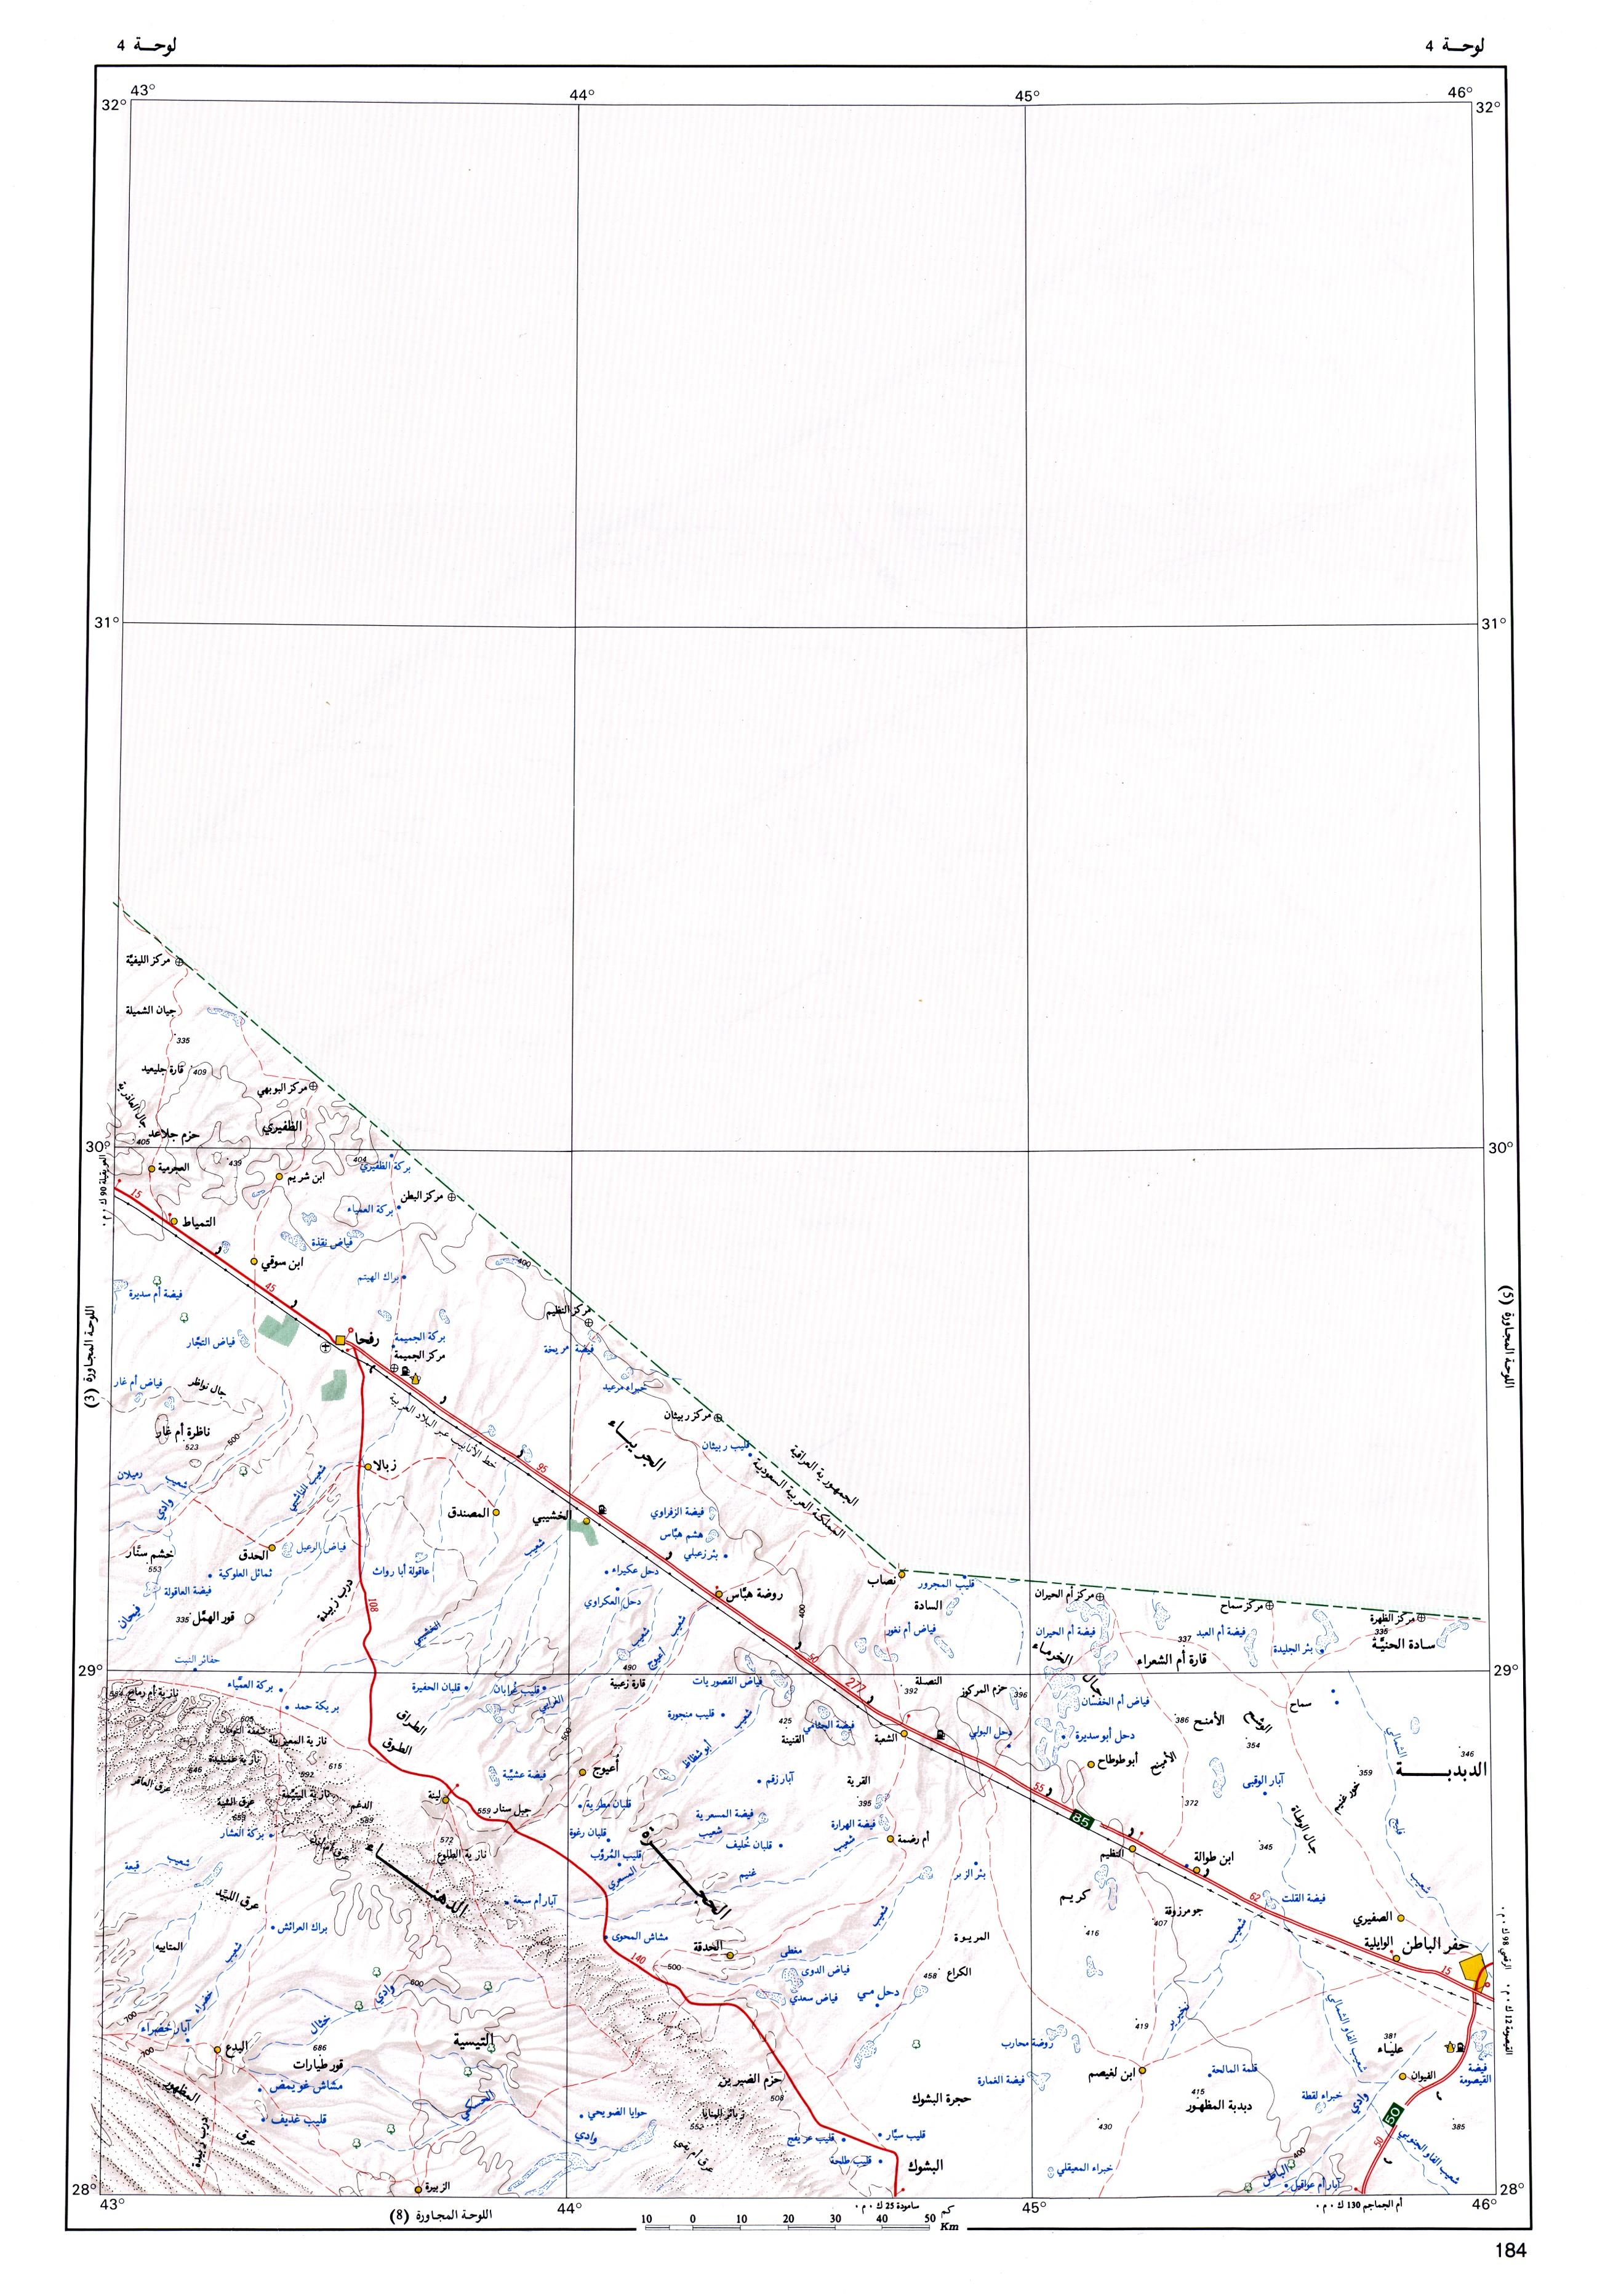 خرائط تفصيليه لمناطق اللمملكة العربية Fig-04.jpg